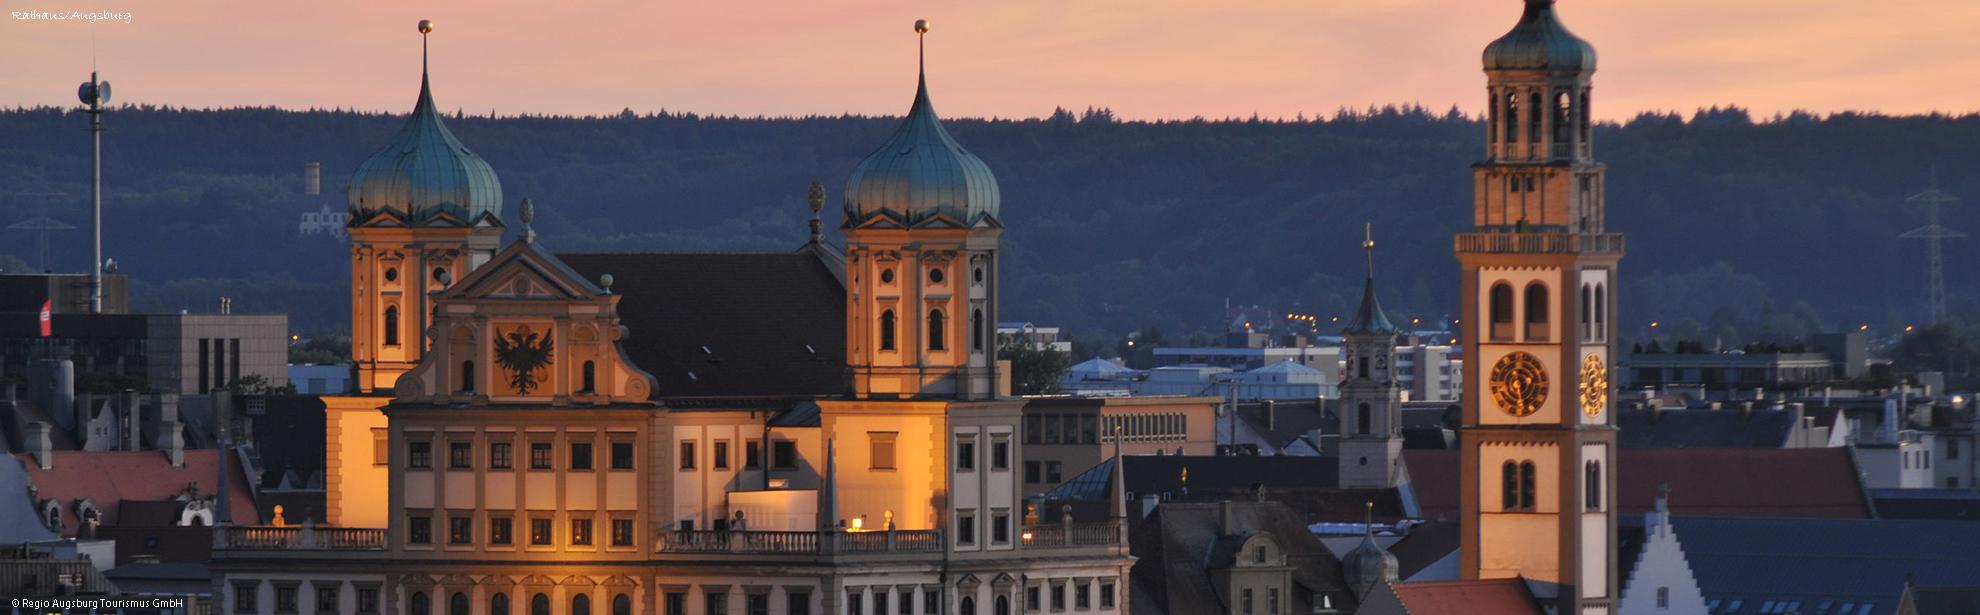 Osport0_Regio-Augsburg-Tourismus_Rathaus_Augsburg